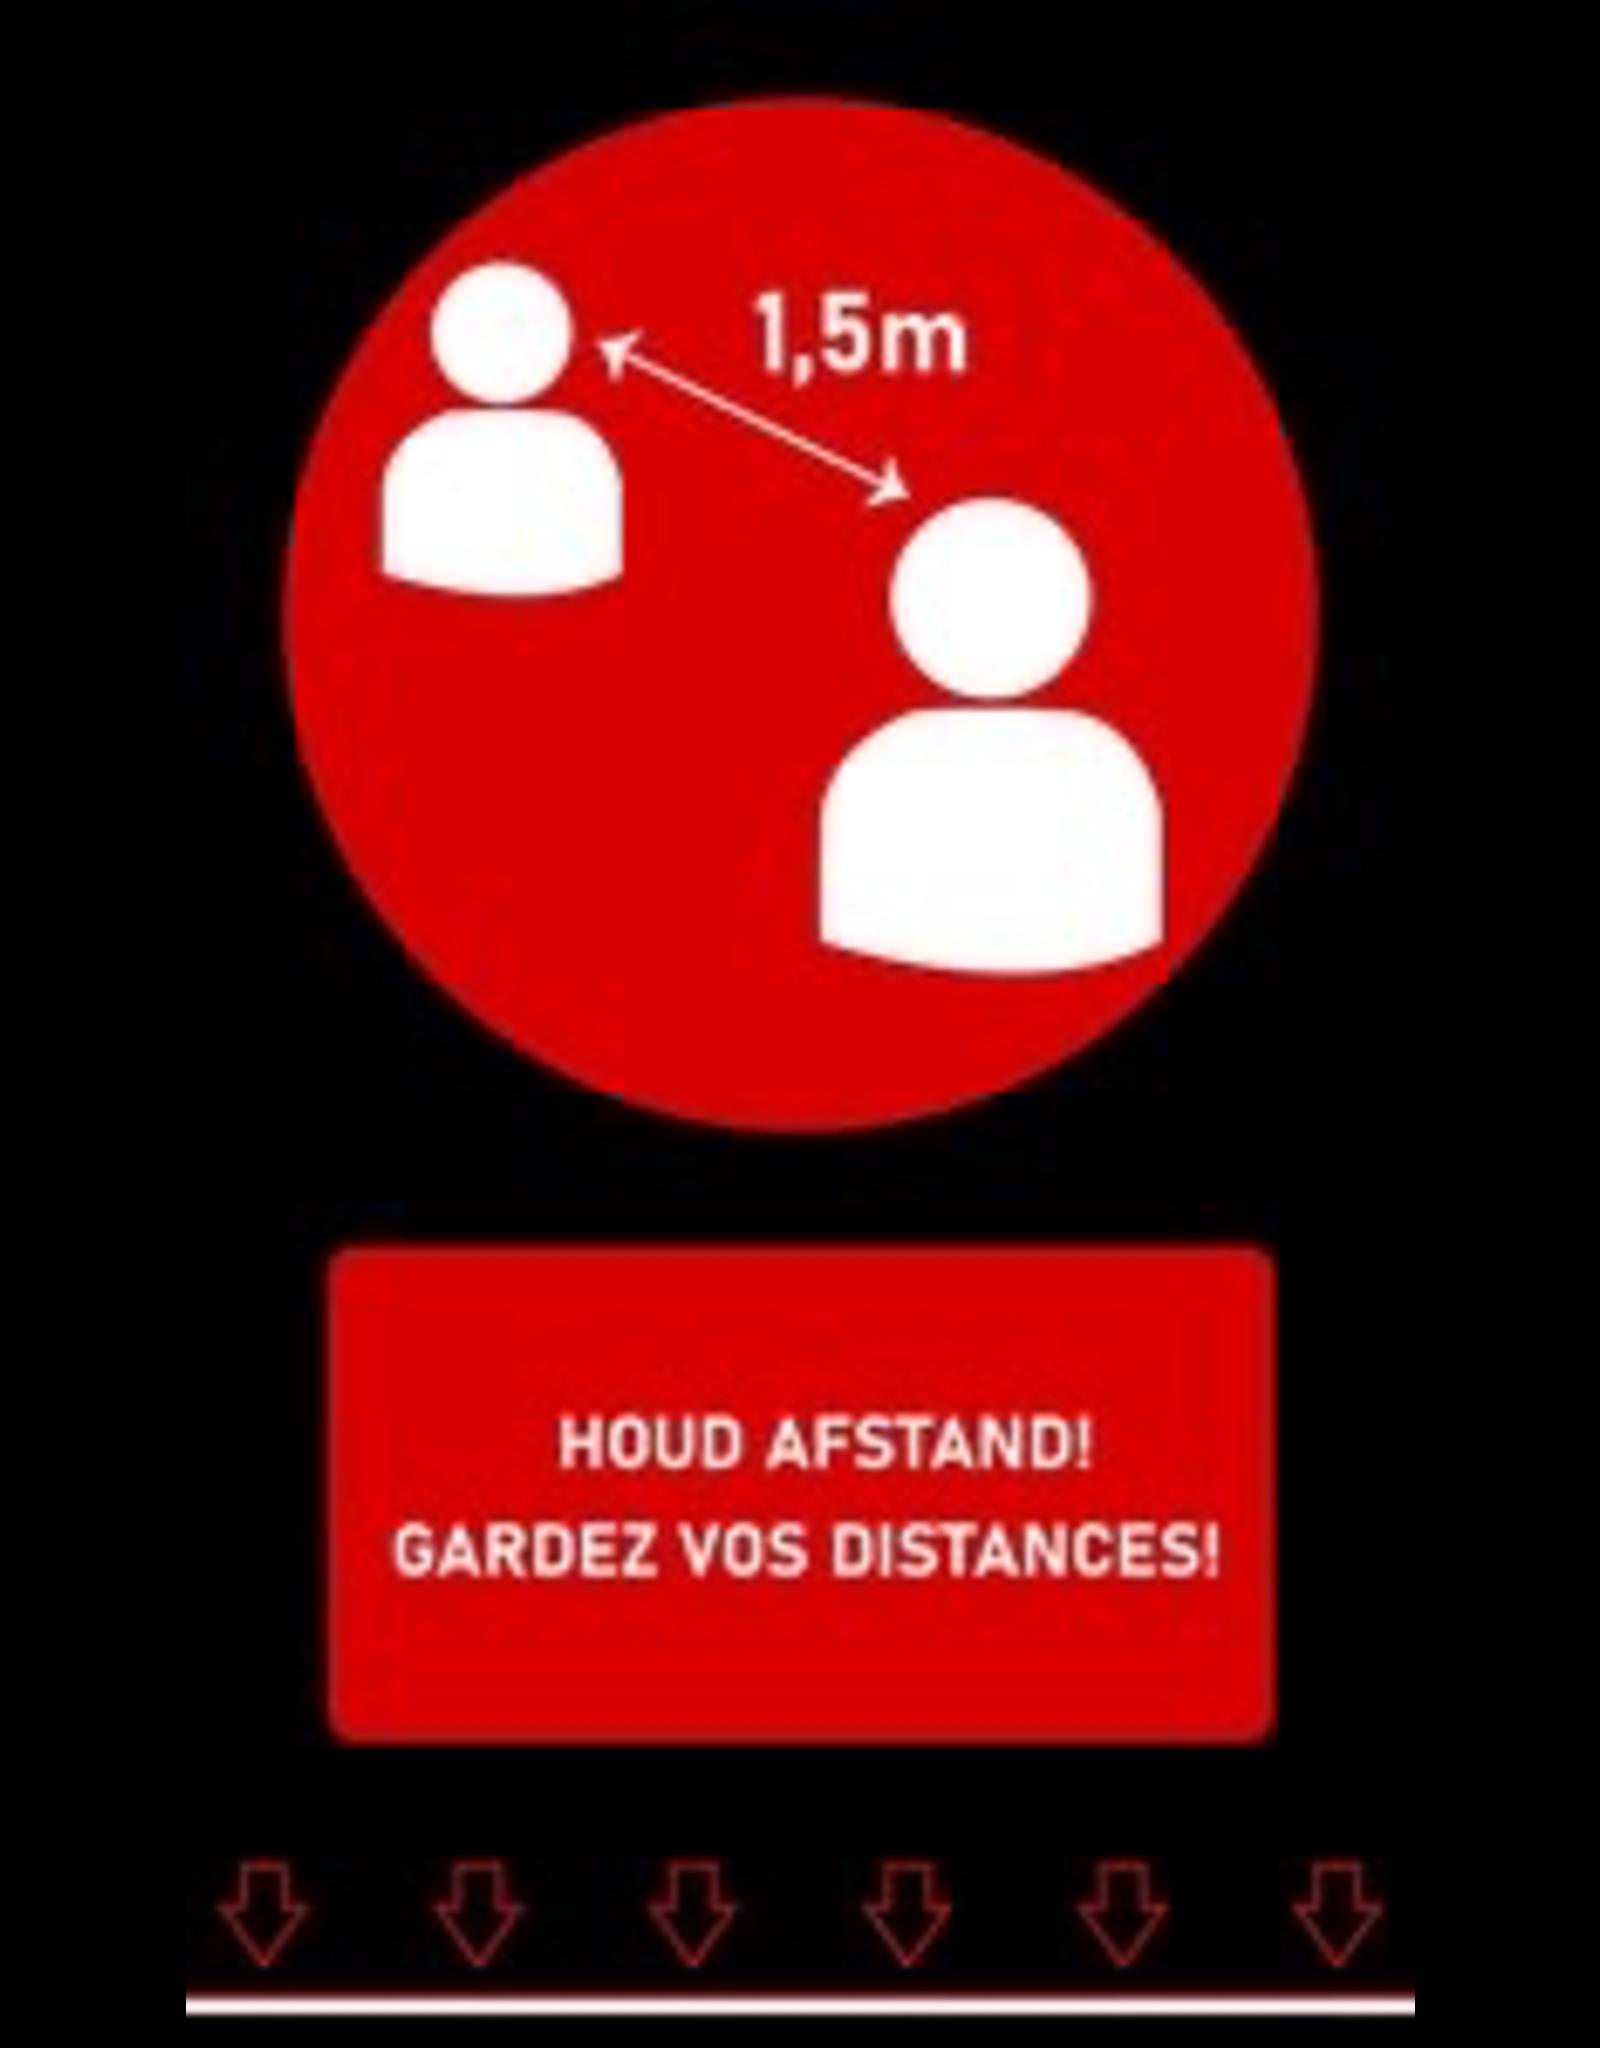 Kreisy Afstandstapijt - Houd afstand! - 150 x 90 cm